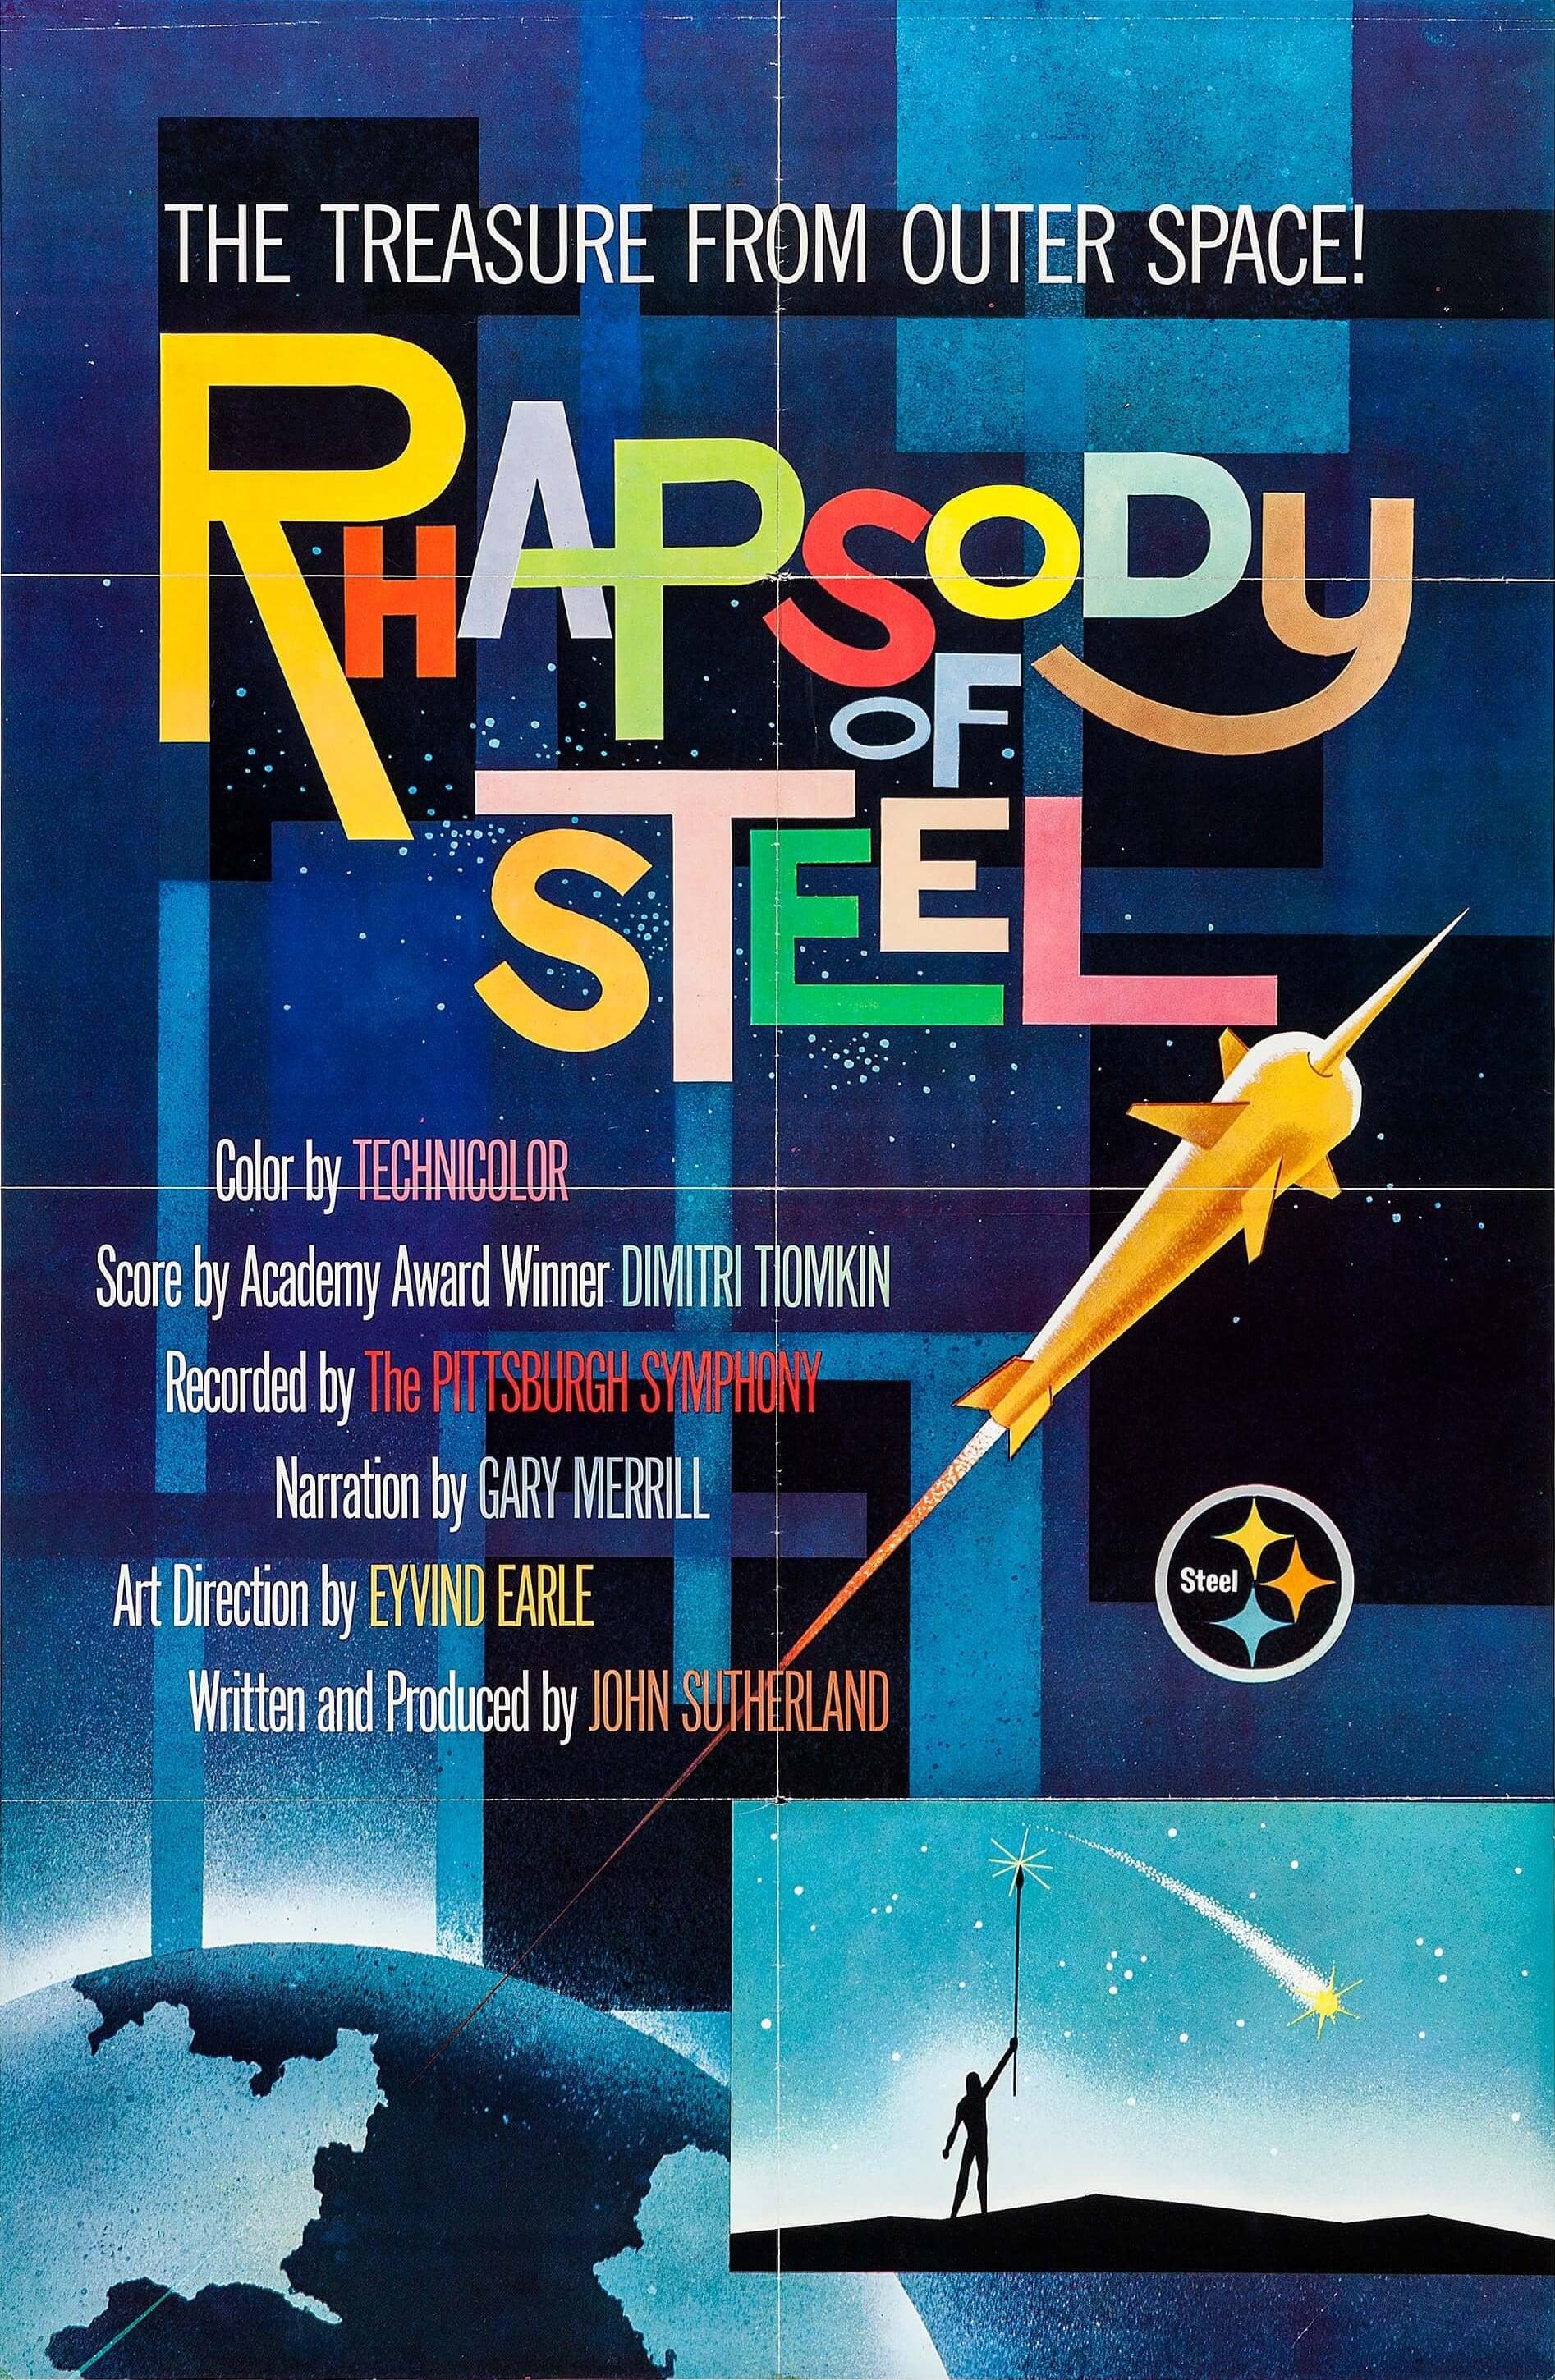 Rhapsody of Steel